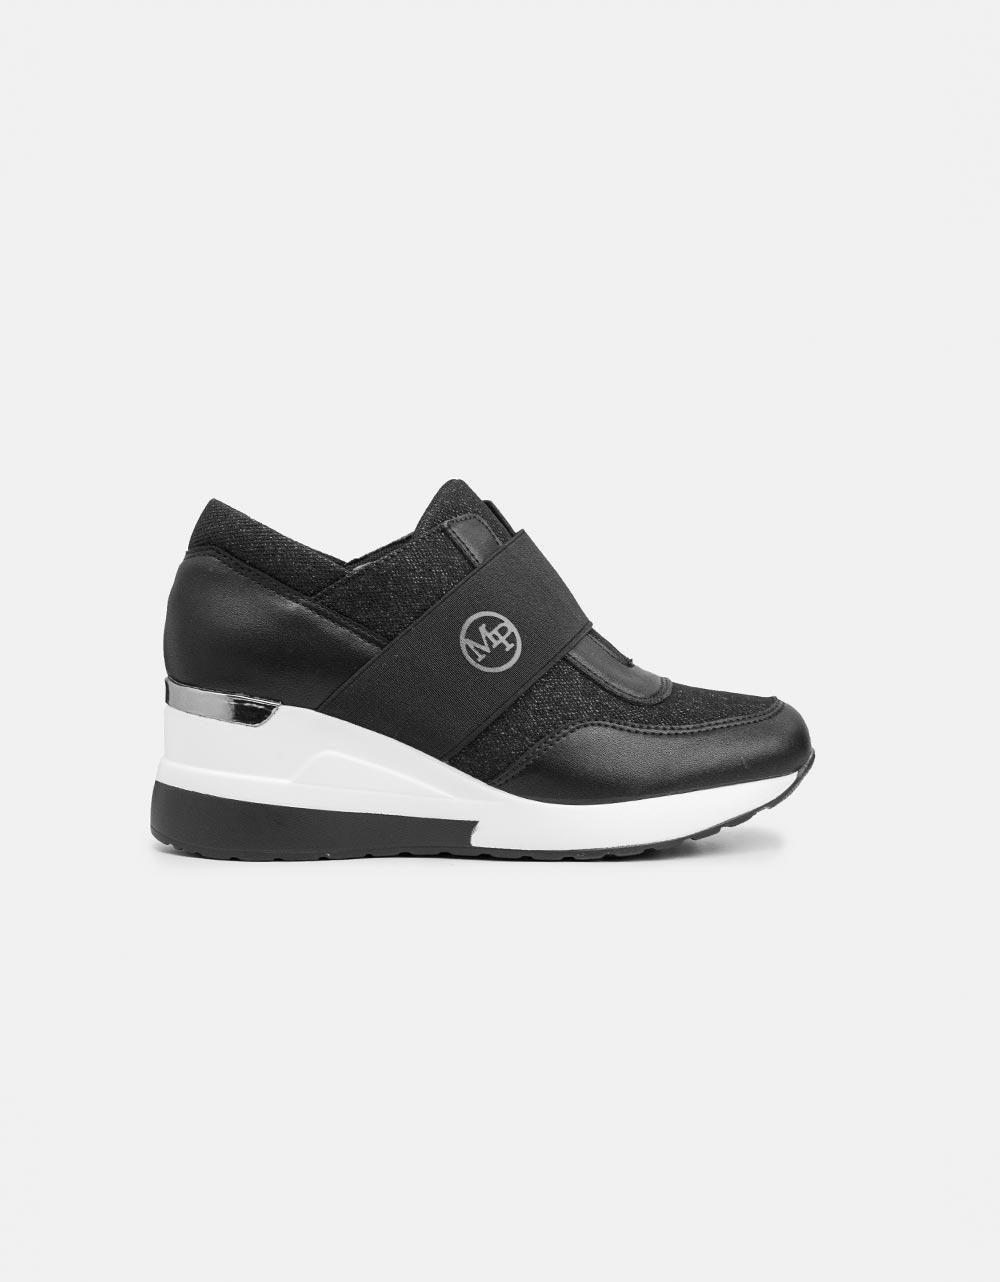 Εικόνα από Γυναικεία sneakers με λάστιχο στο κουτεπιέ Μαύρο